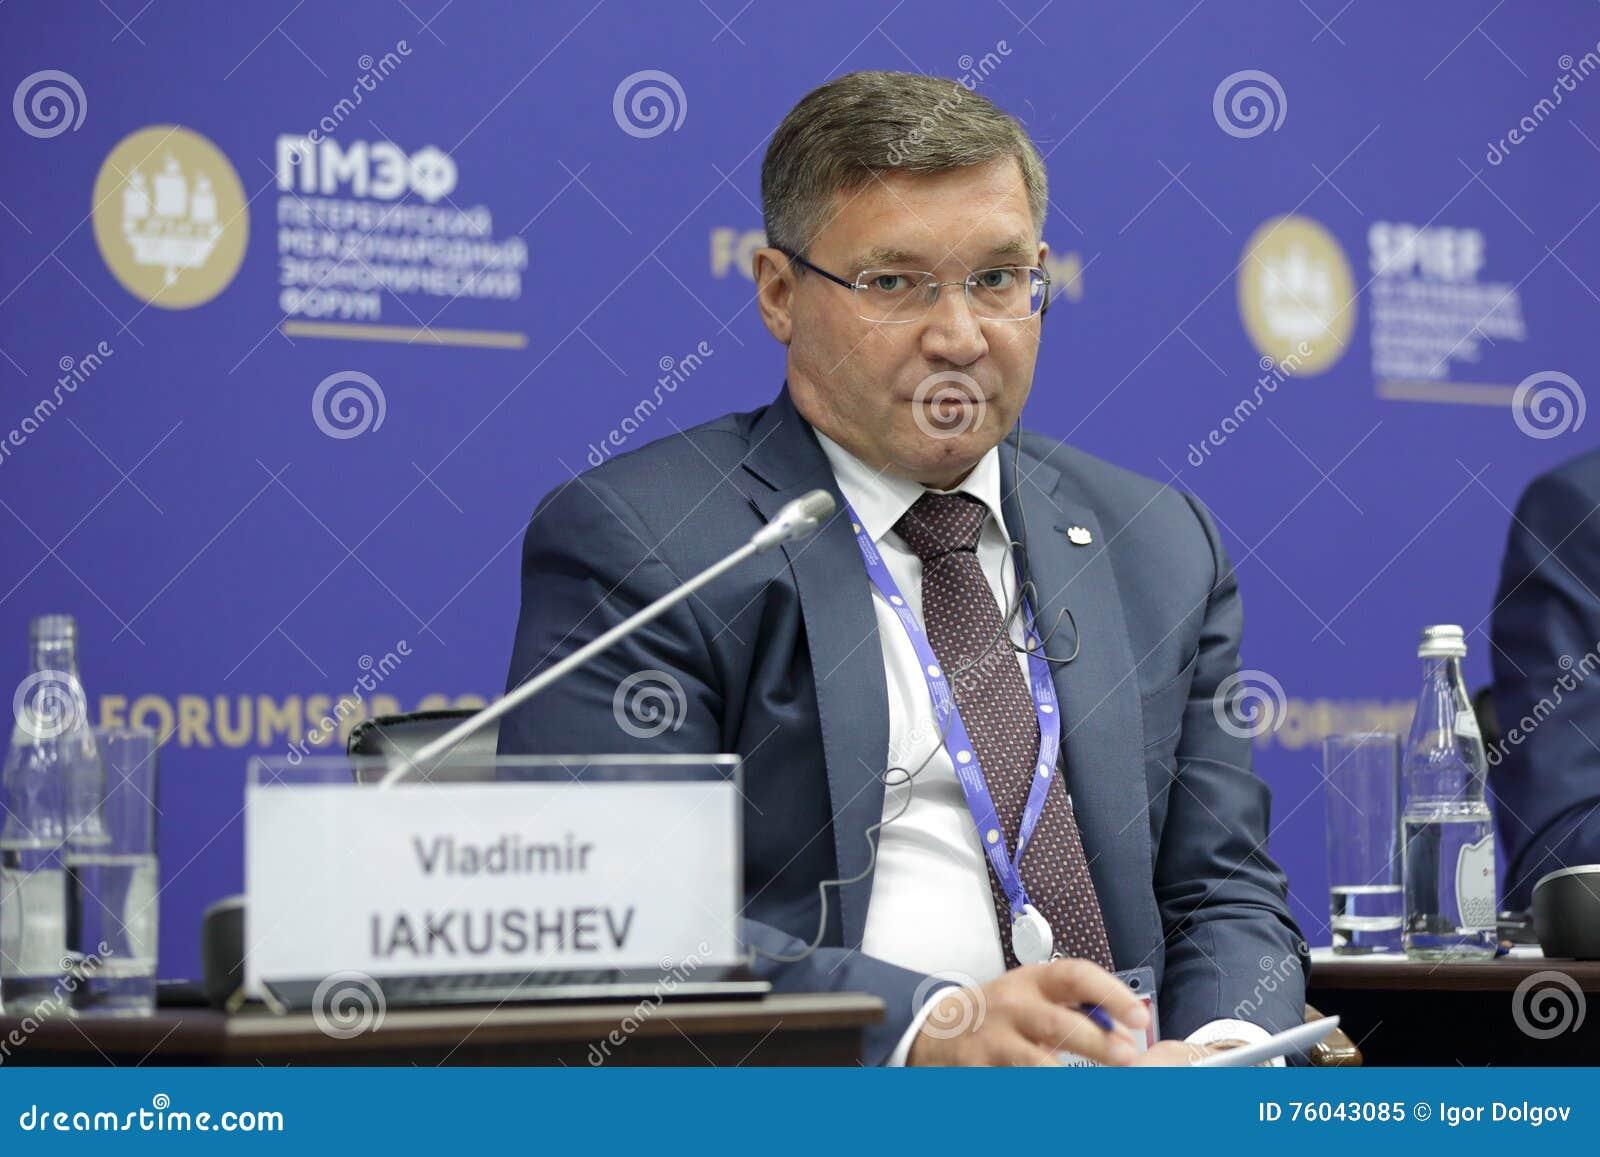 Vladimir Iakushev